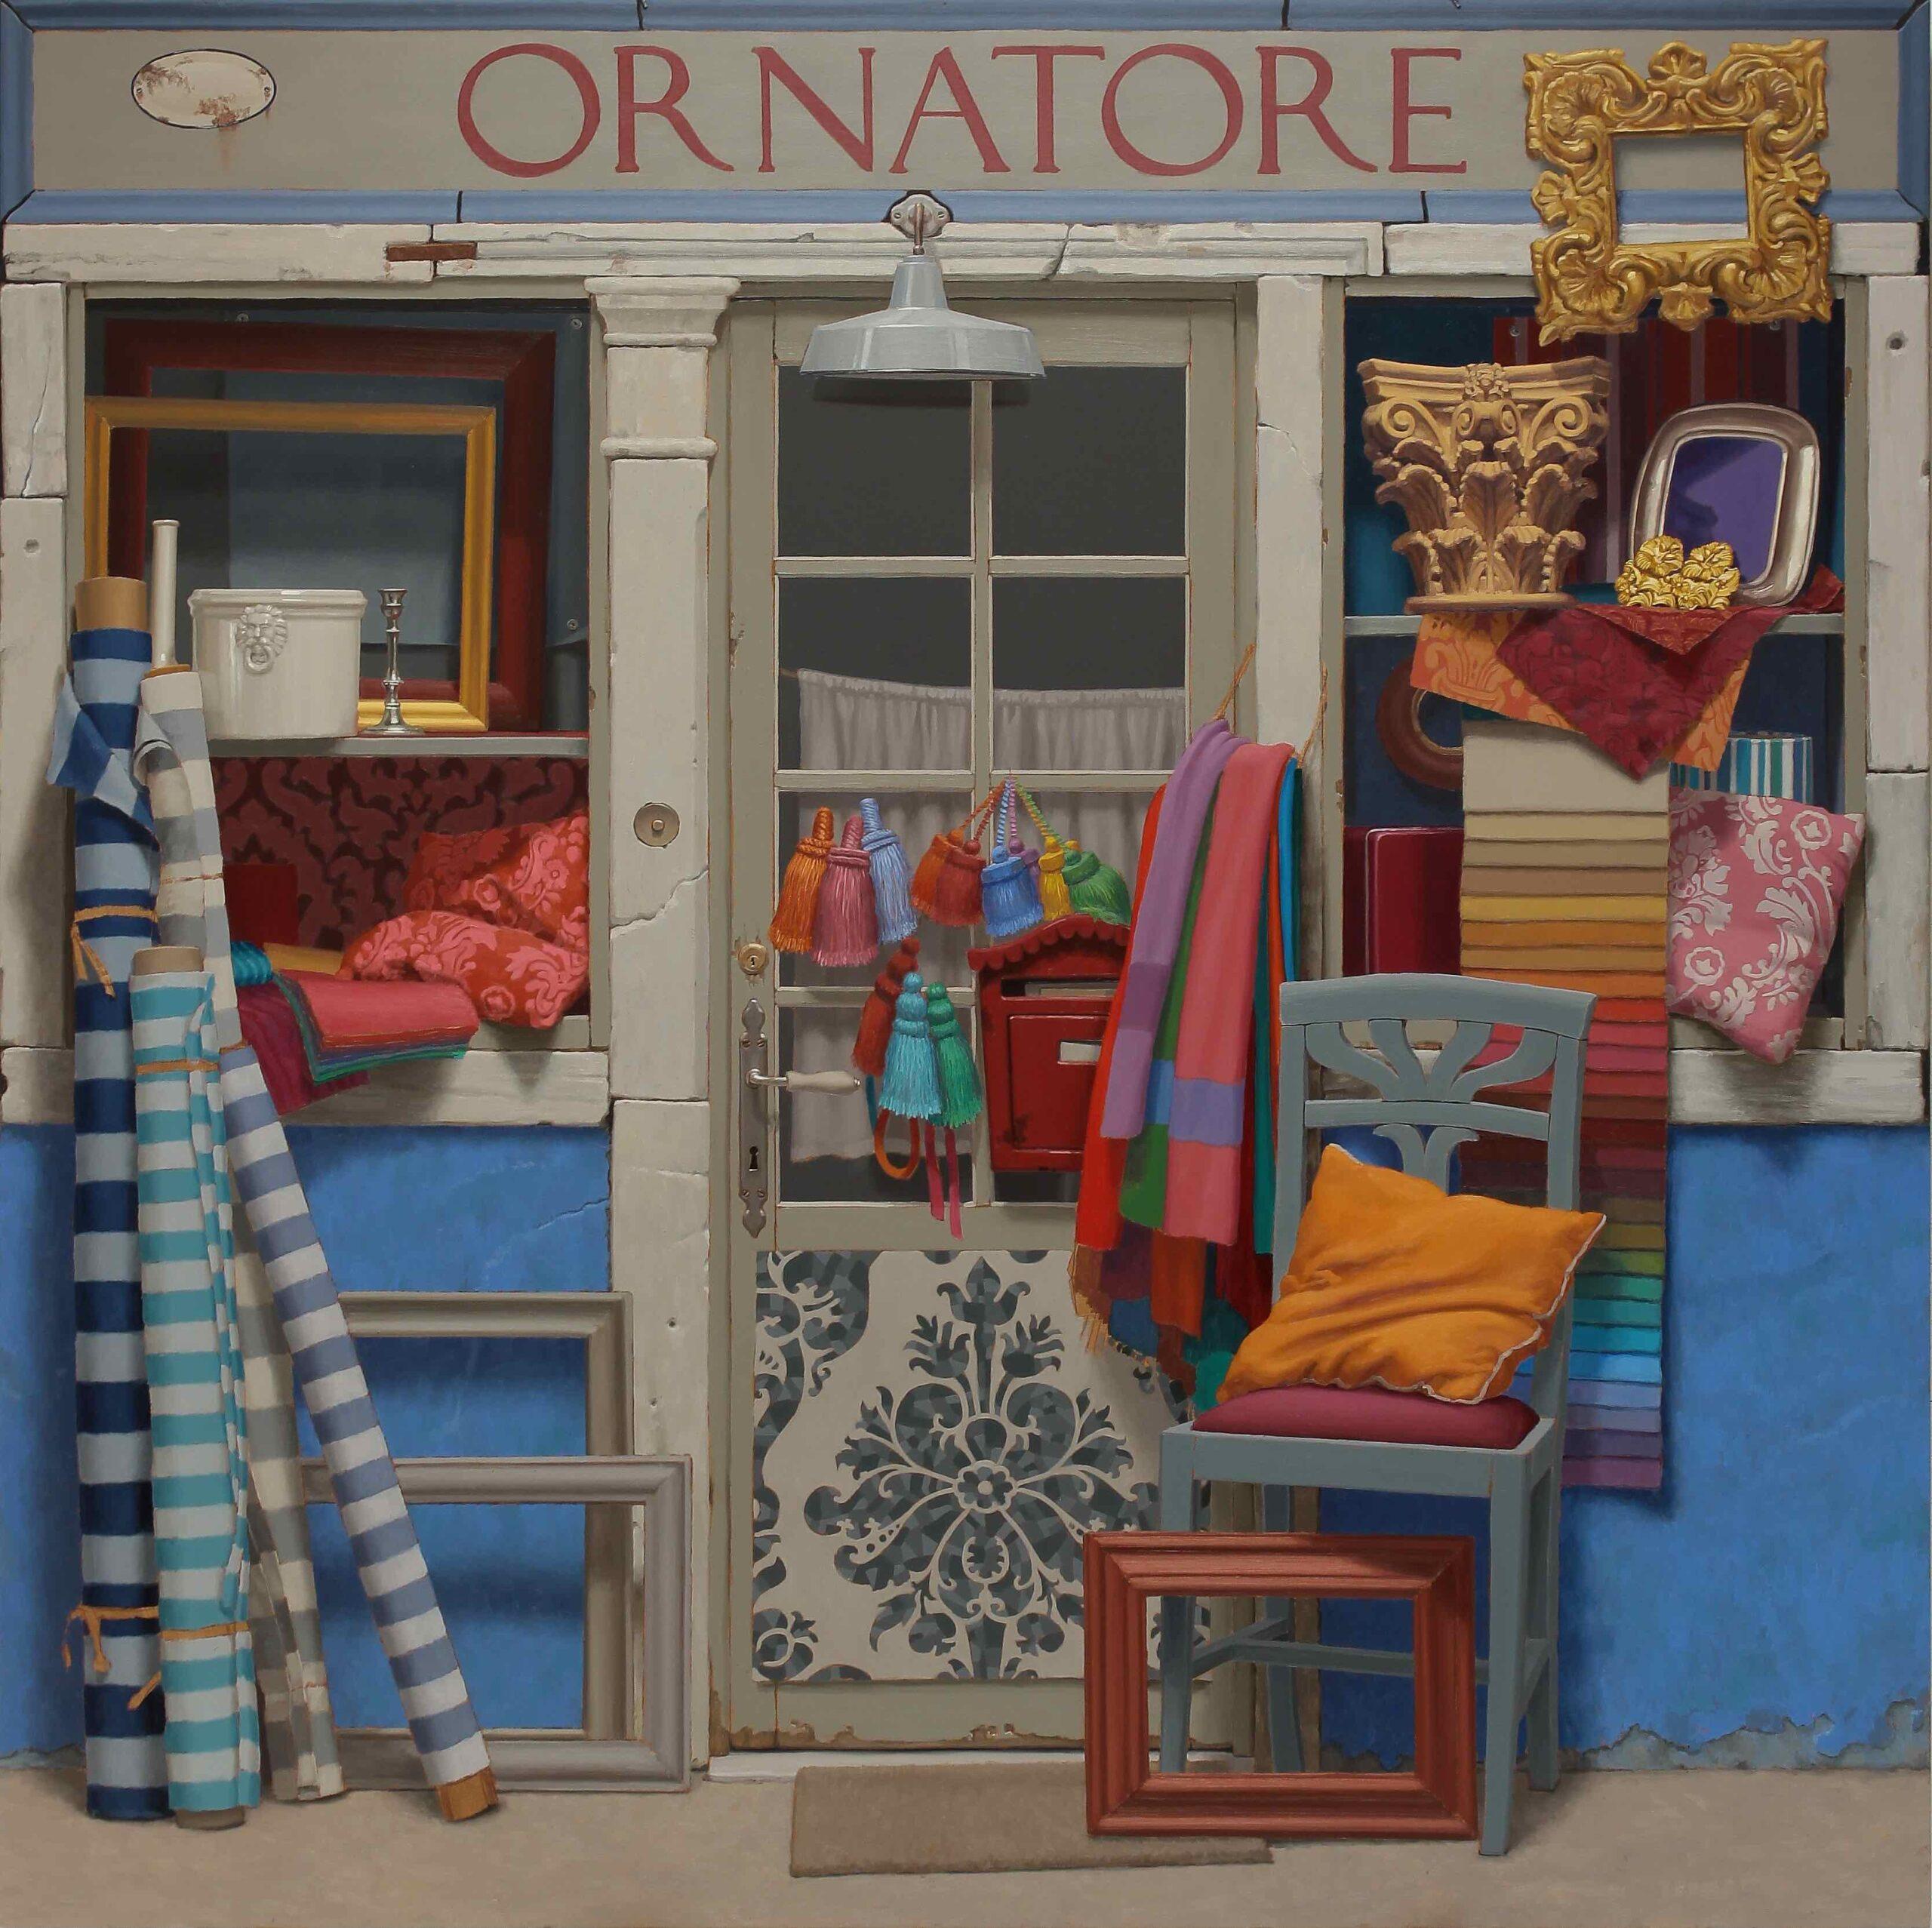 L'arte delle botteghe in mostra a Capri. Da Merano all'isola azzurra: il viaggio nella pittura di Paolo Quaresima